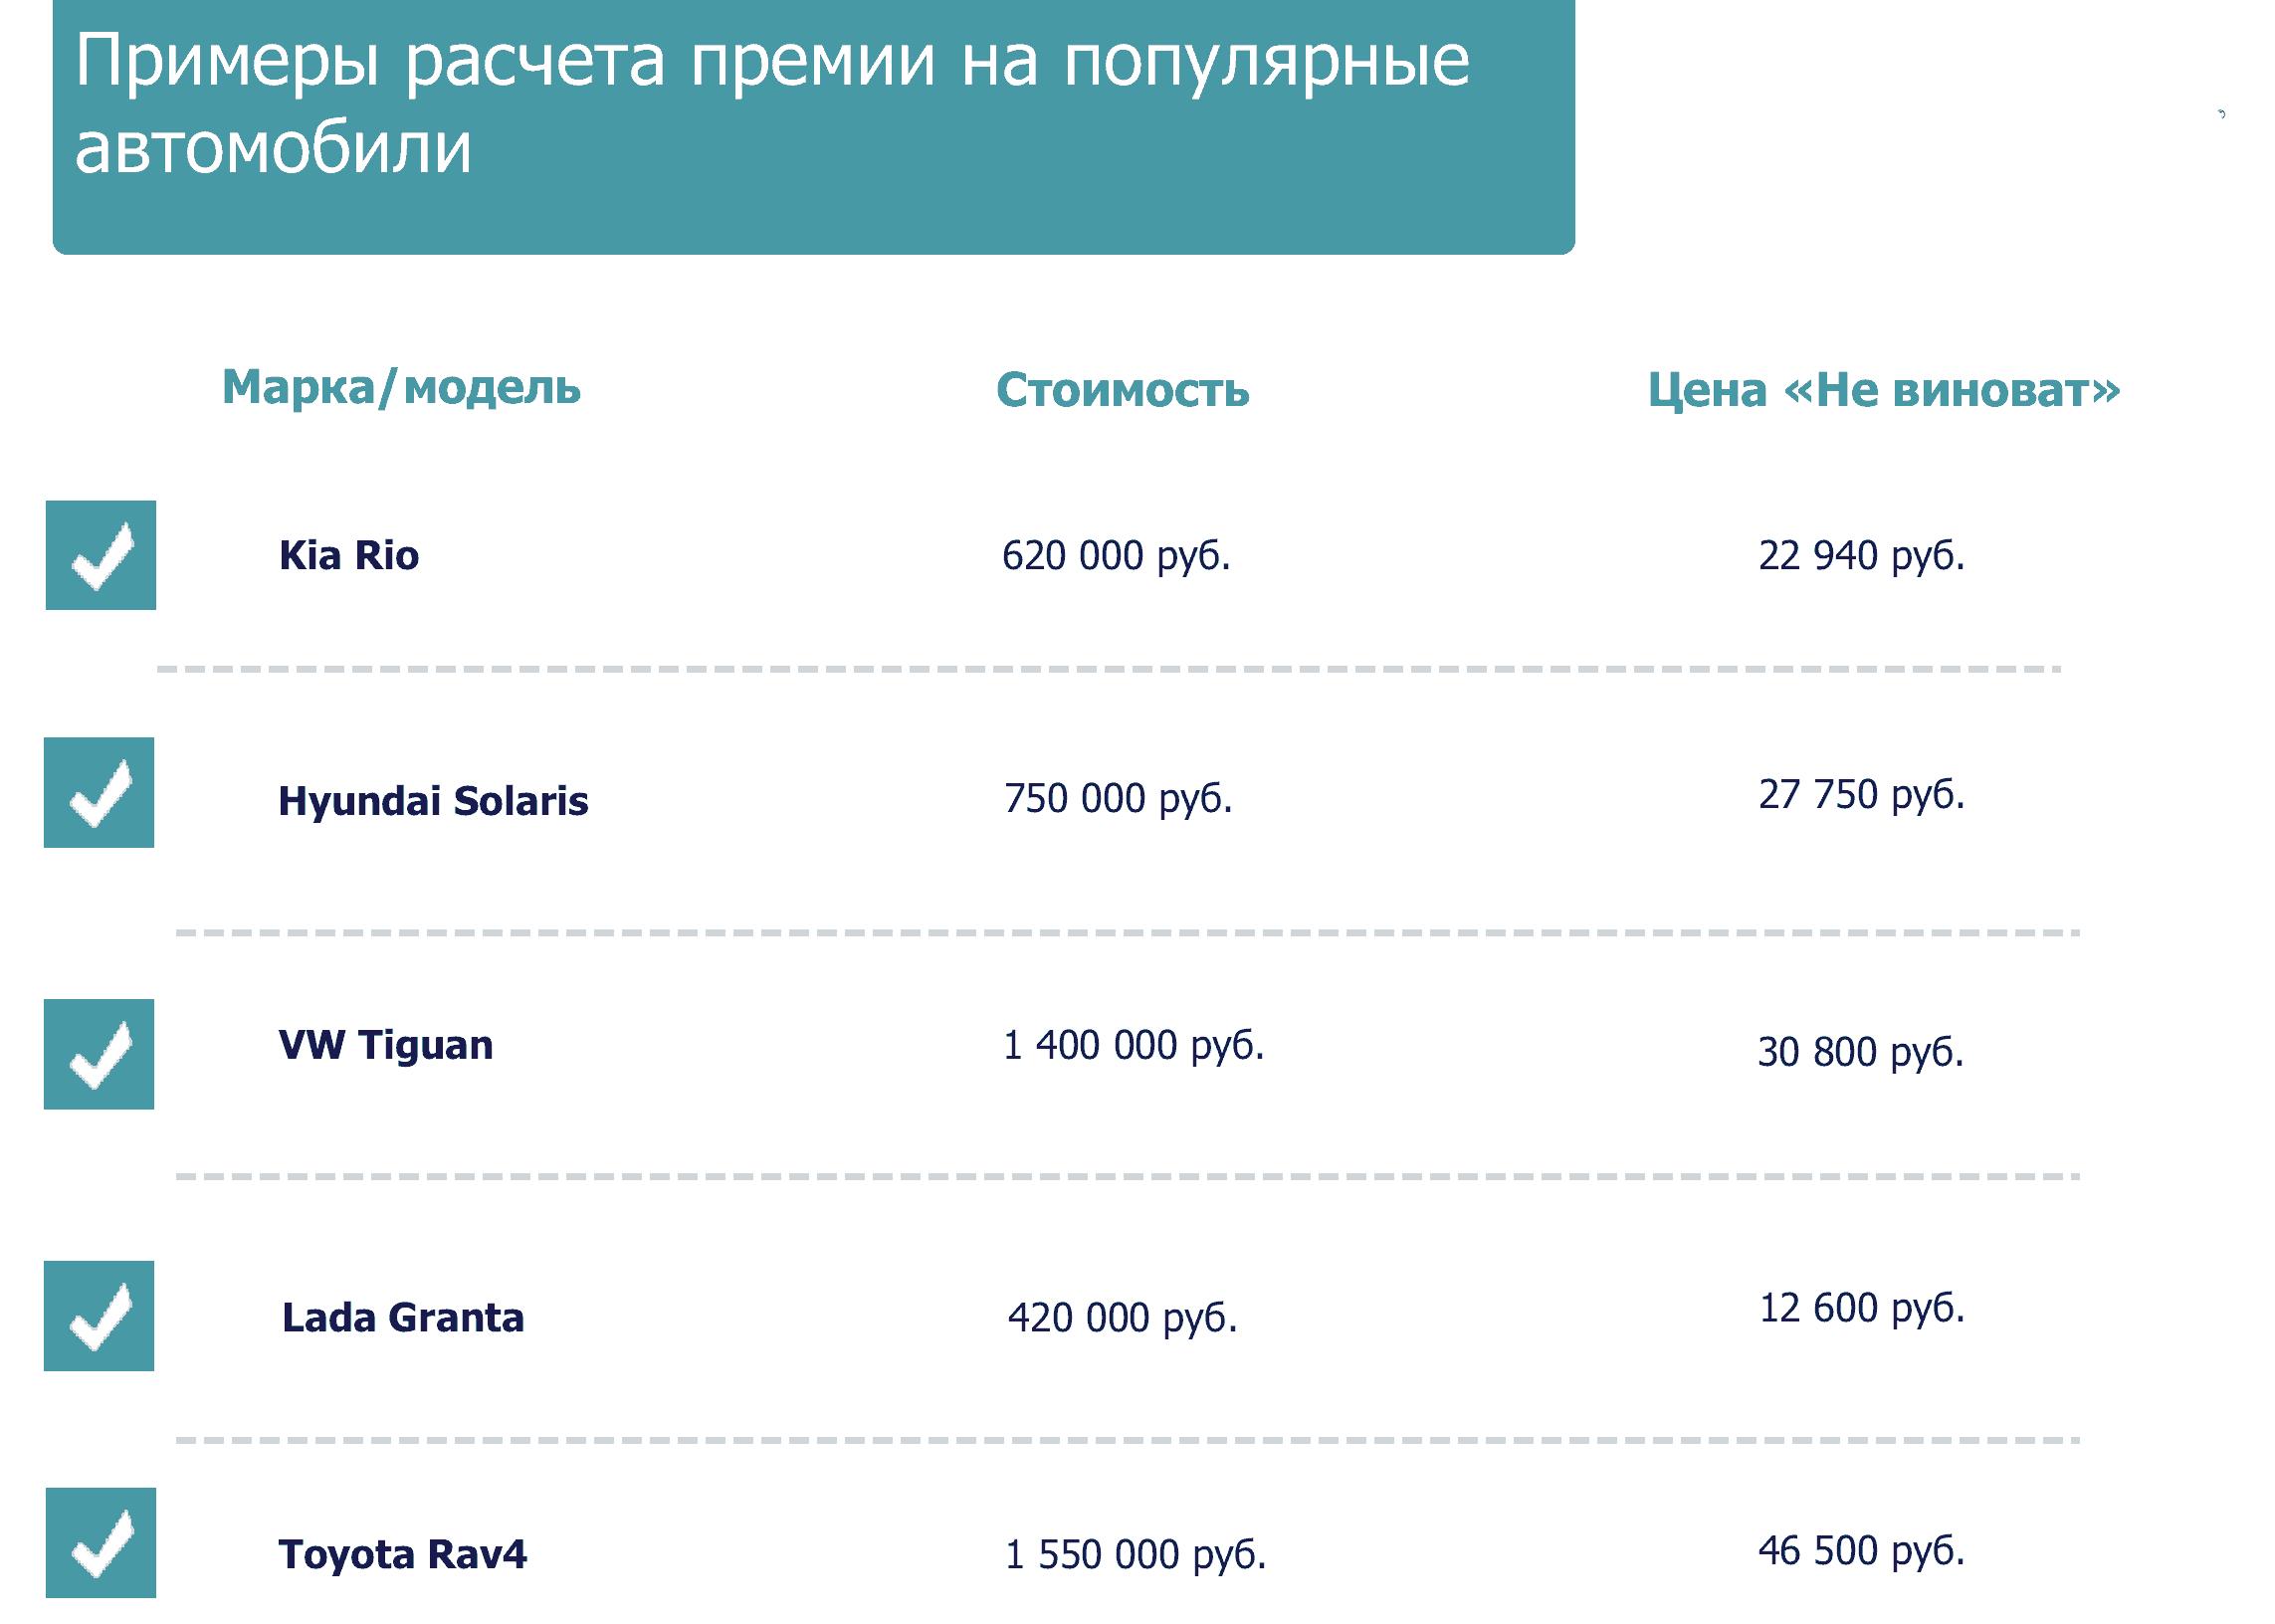 Примеры расчета каско